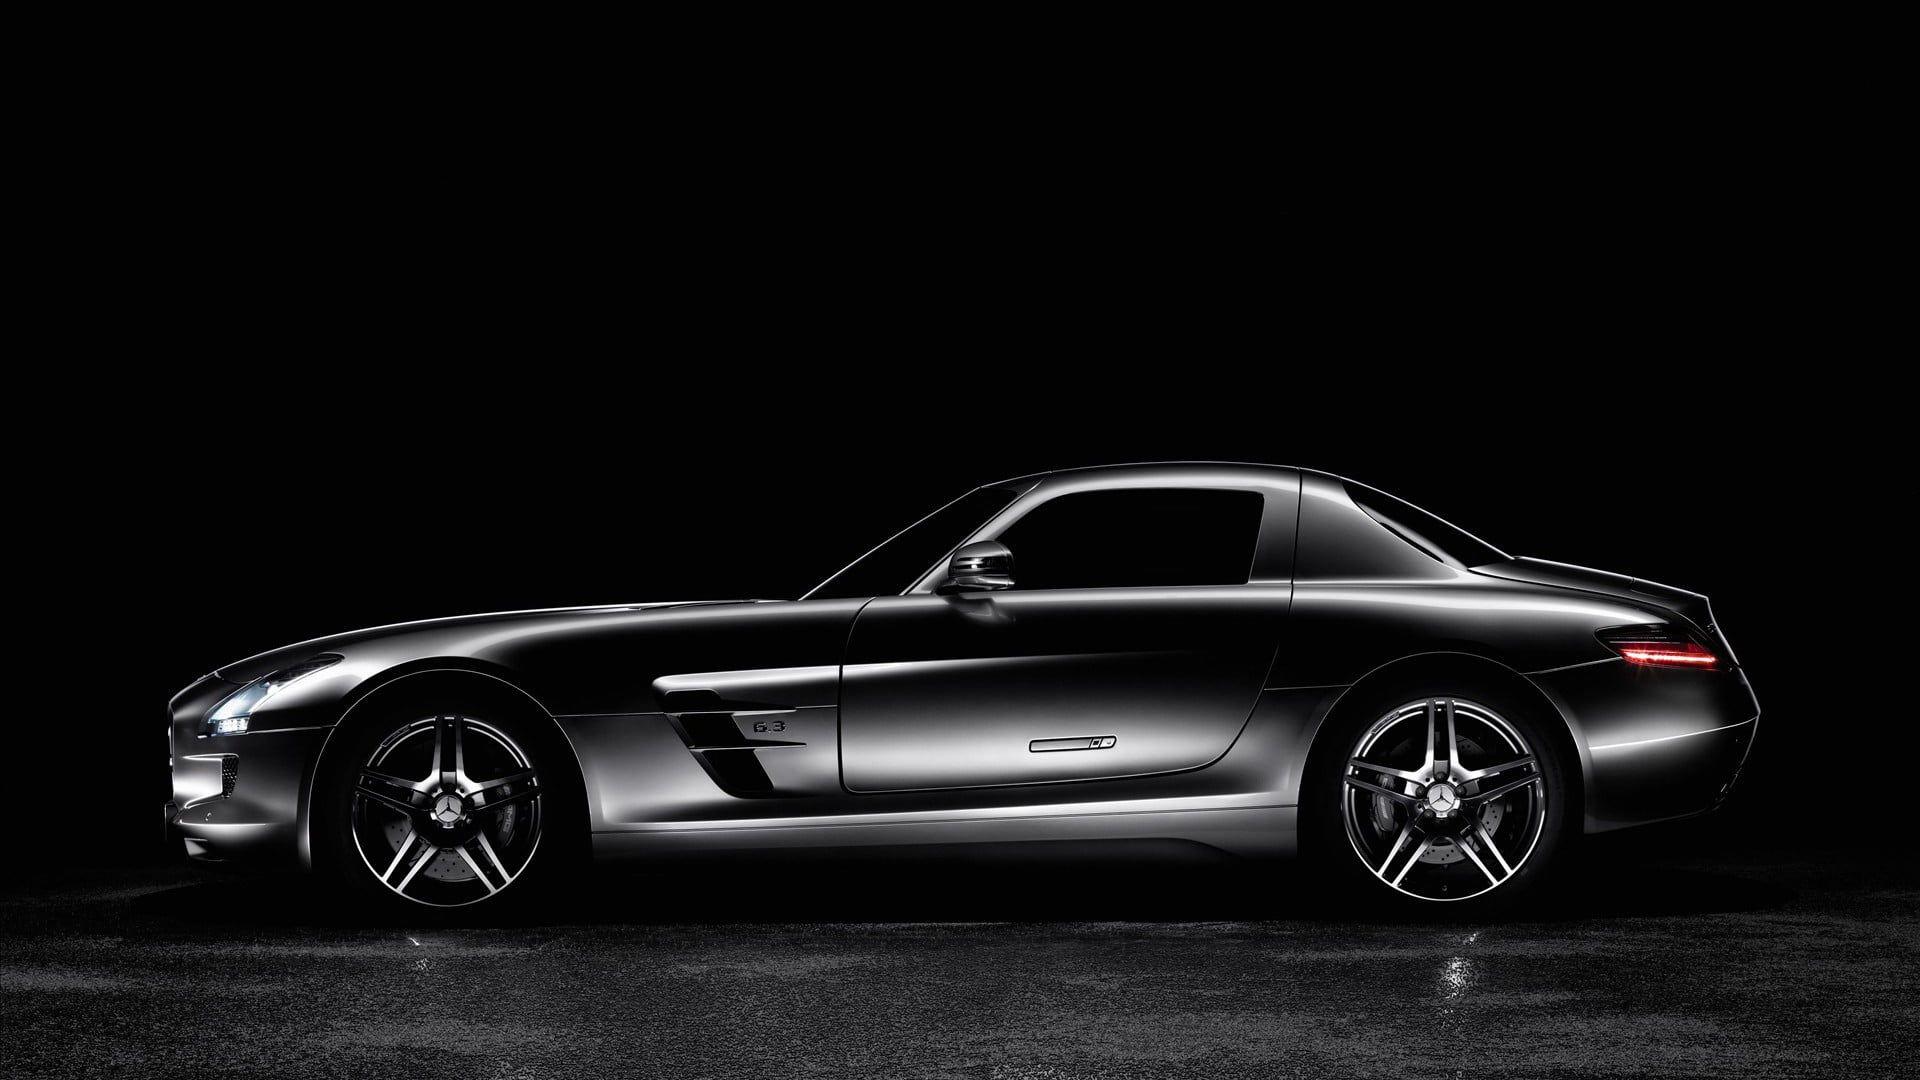 Gray Mercedes Sls Amg Car Mercedes Benz Mercedes Benz Sls Amg